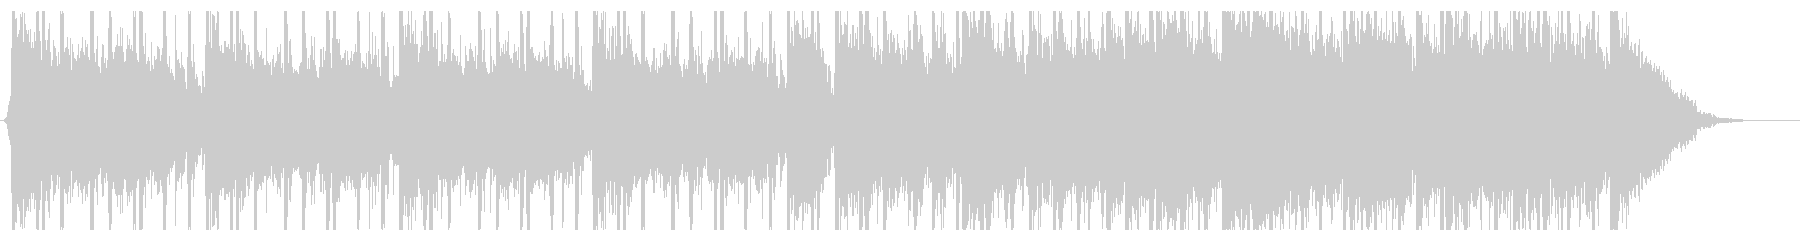 エスニックなミステリーサスペンス曲の未再生の波形